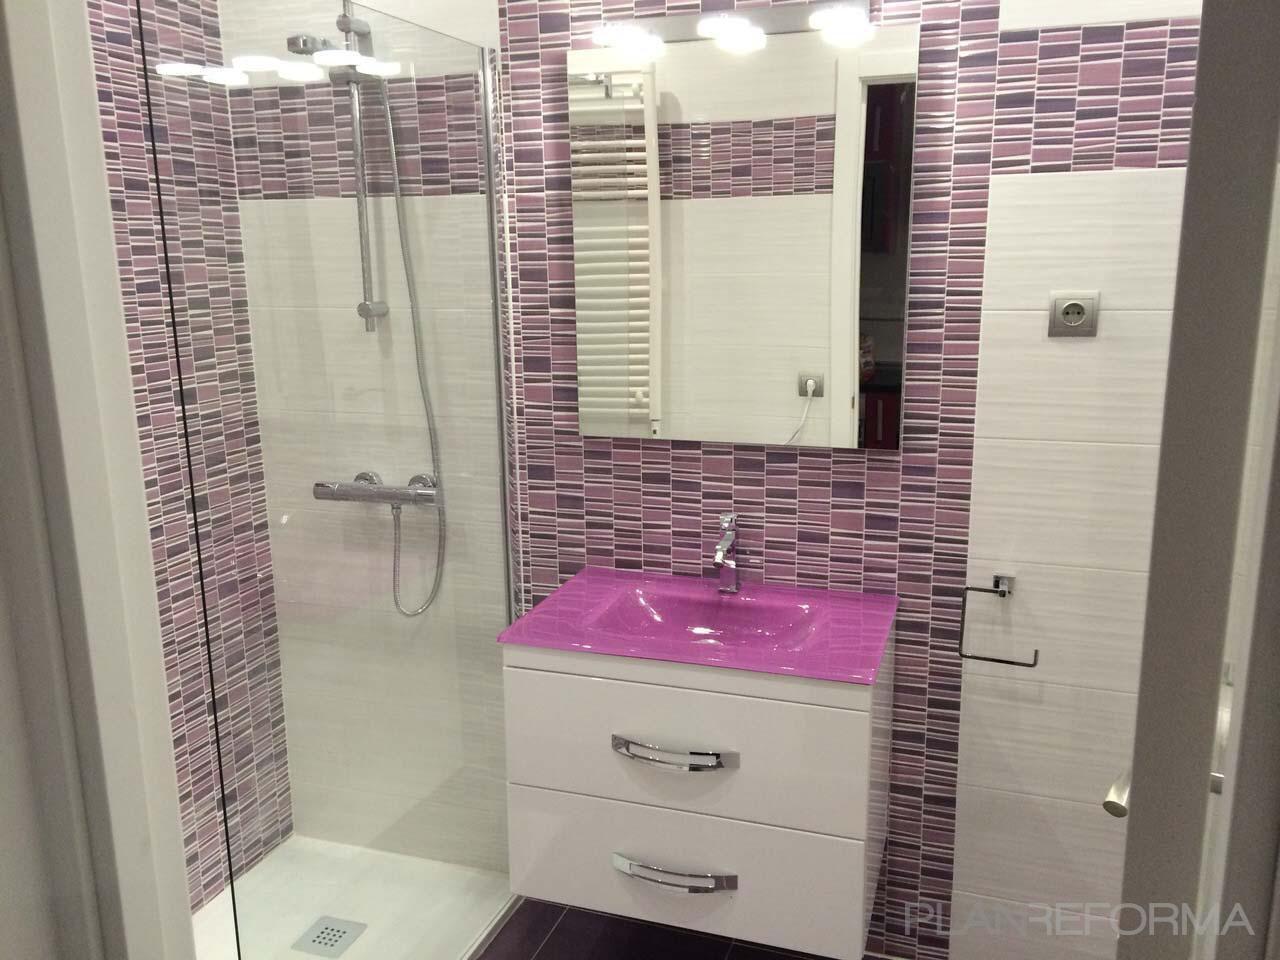 Ba o style moderno color rosa rosa marron blanco for Accesorios bano rosa